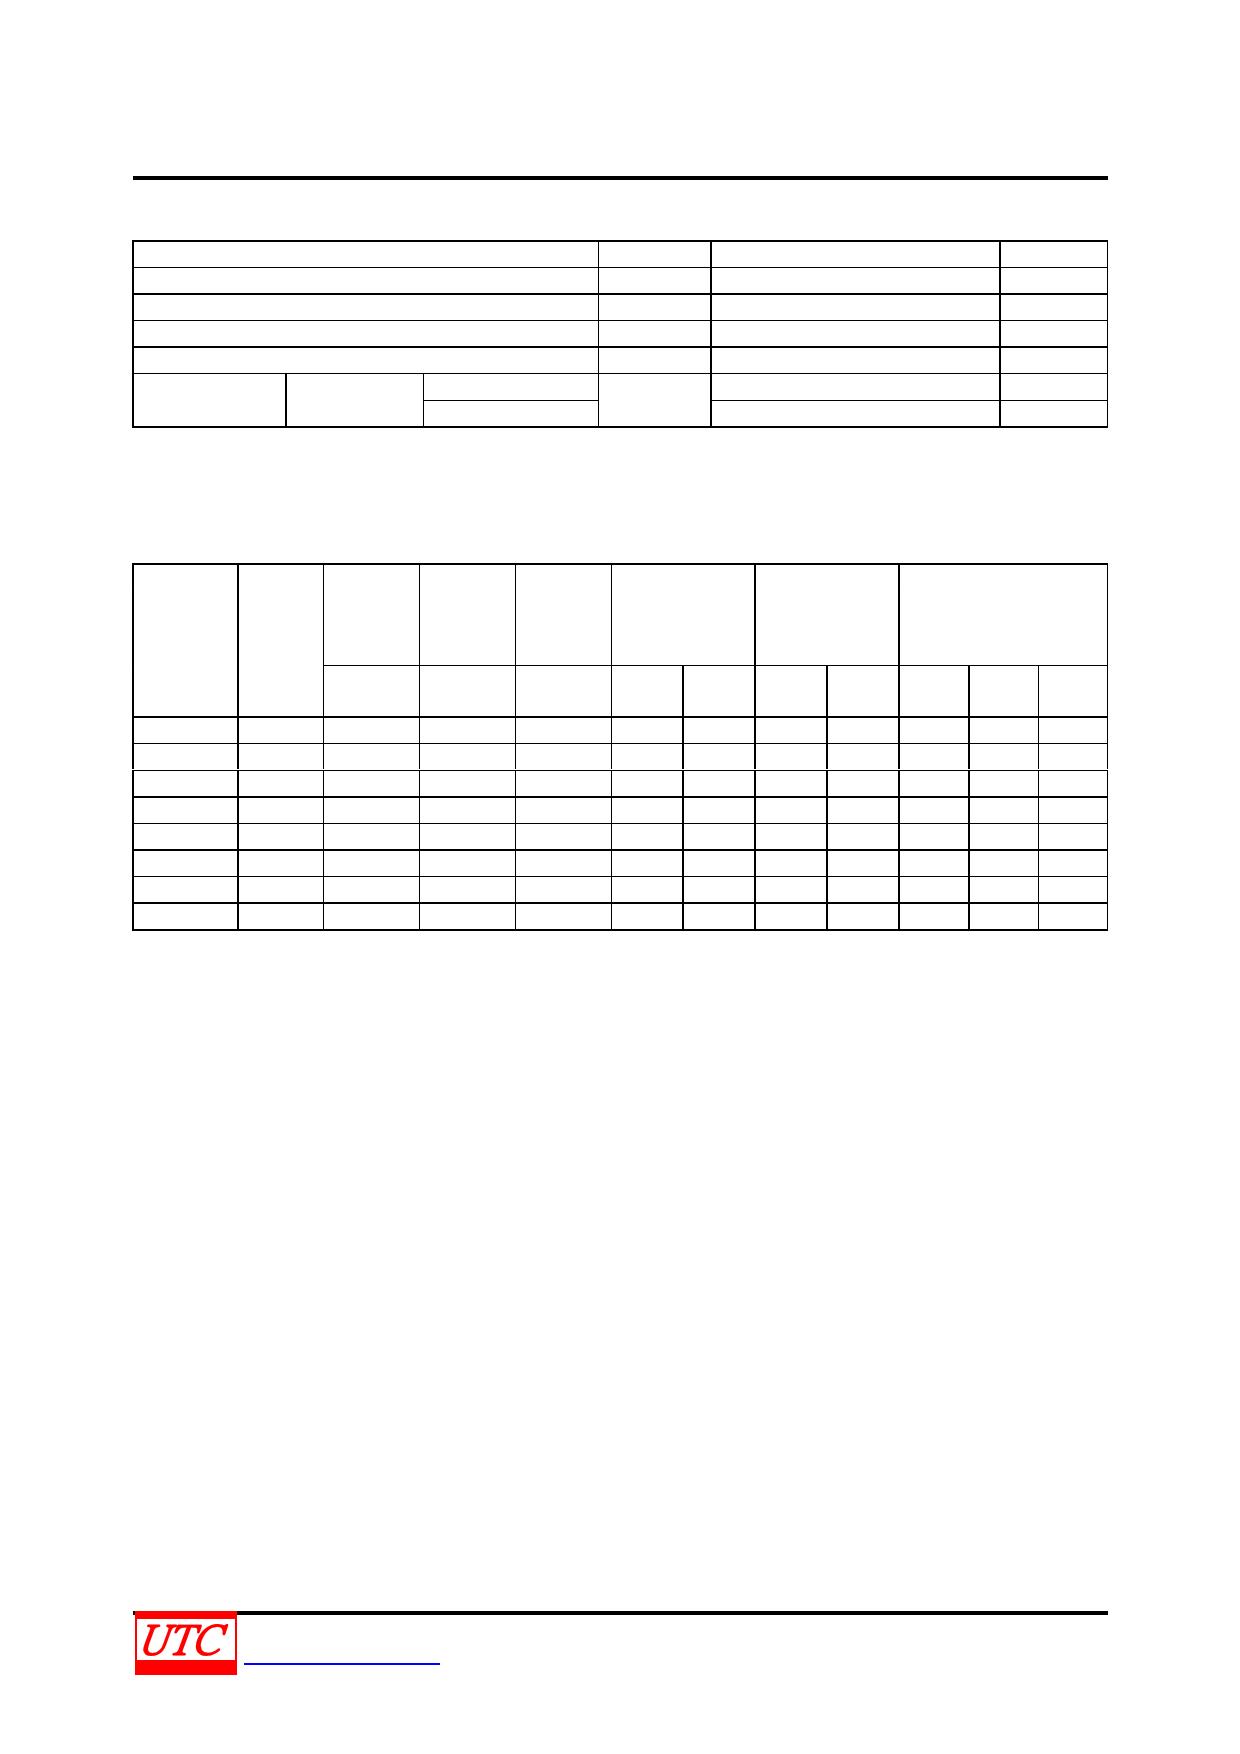 SMA8V pdf, schematic